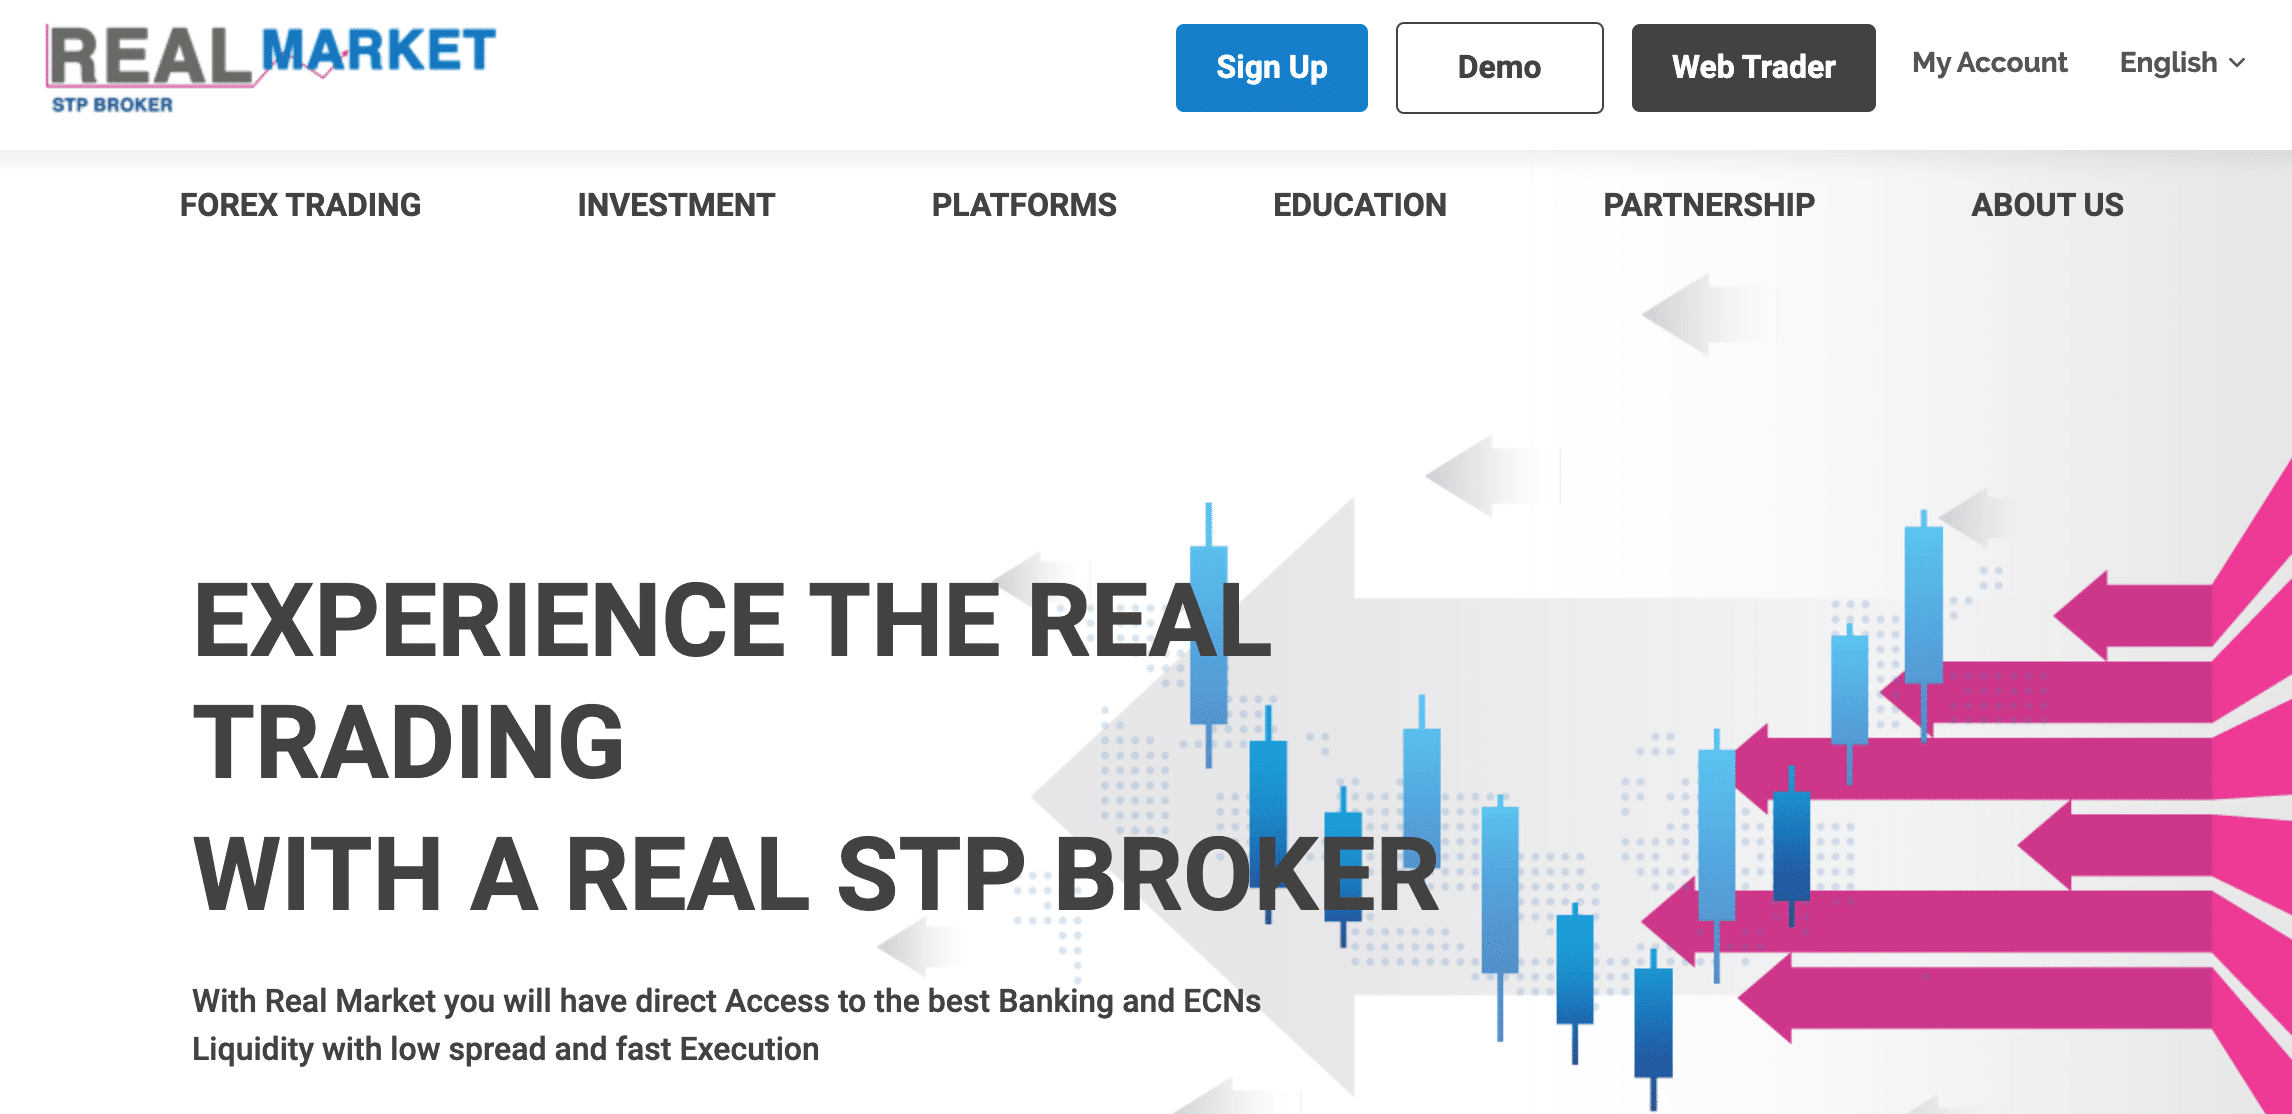 Real Market Broker Truffa o Affidabile? Opinioni e recensioni